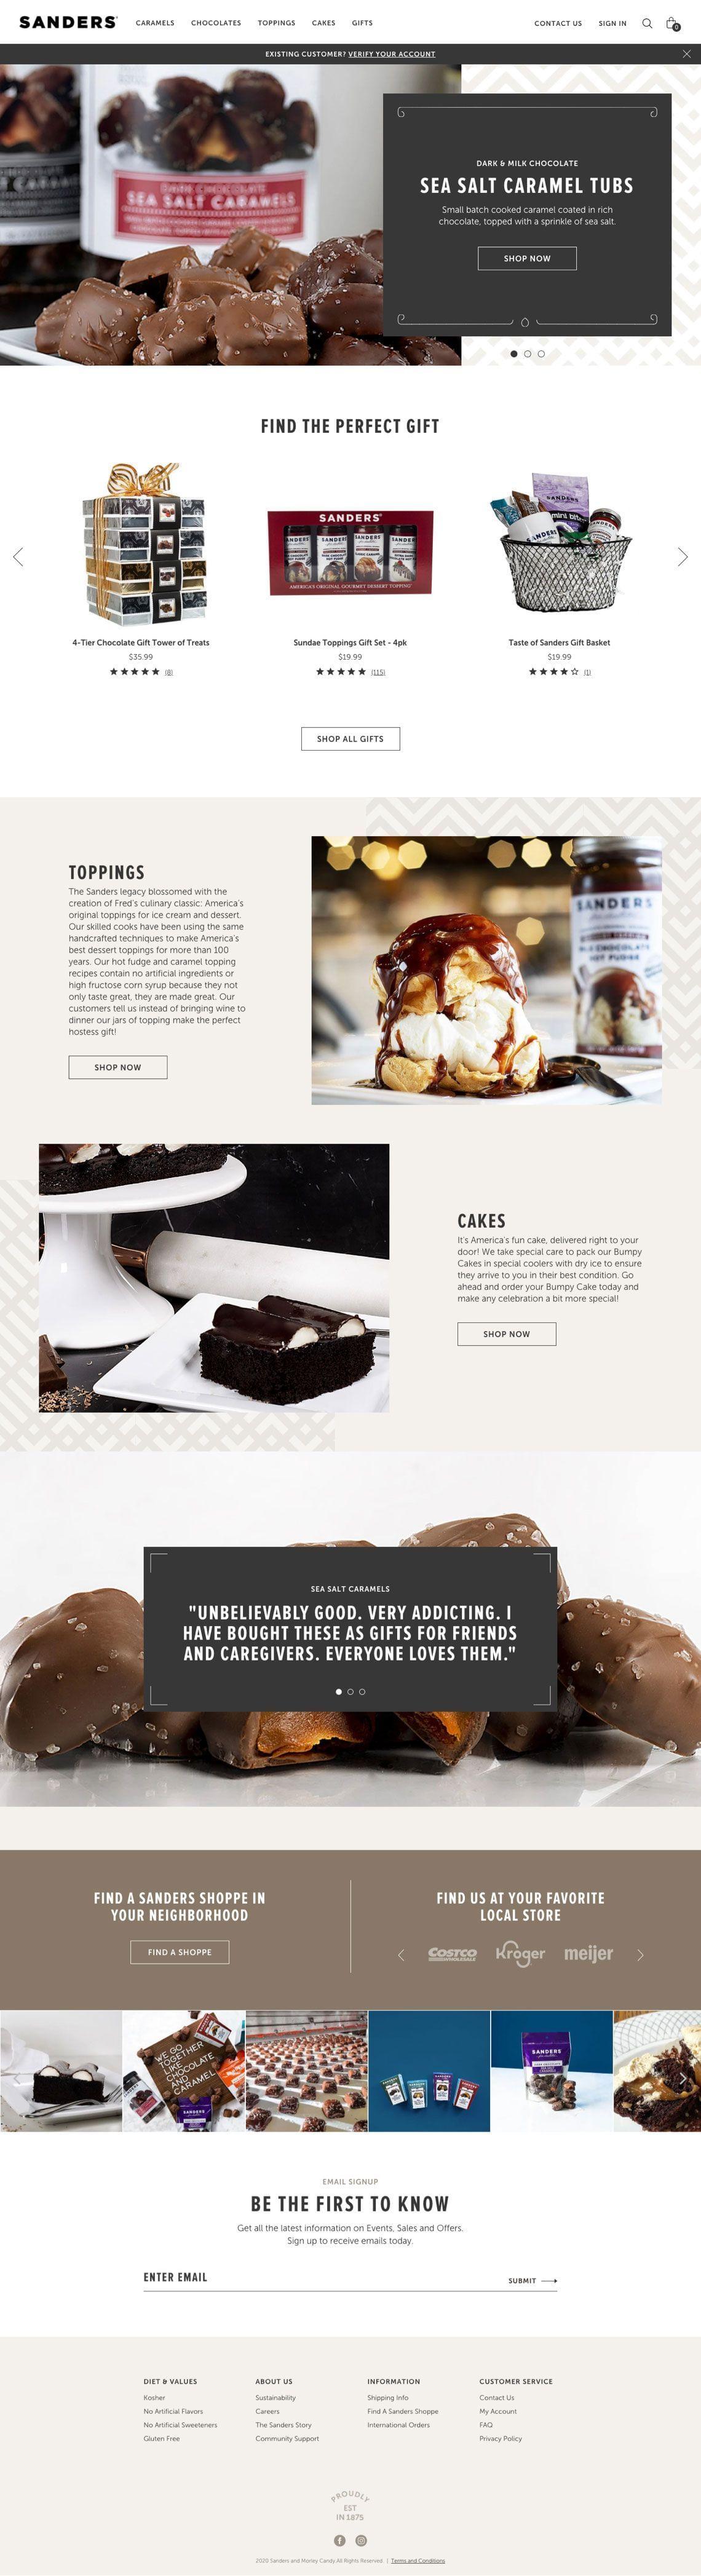 Sanders Candy - Homepage